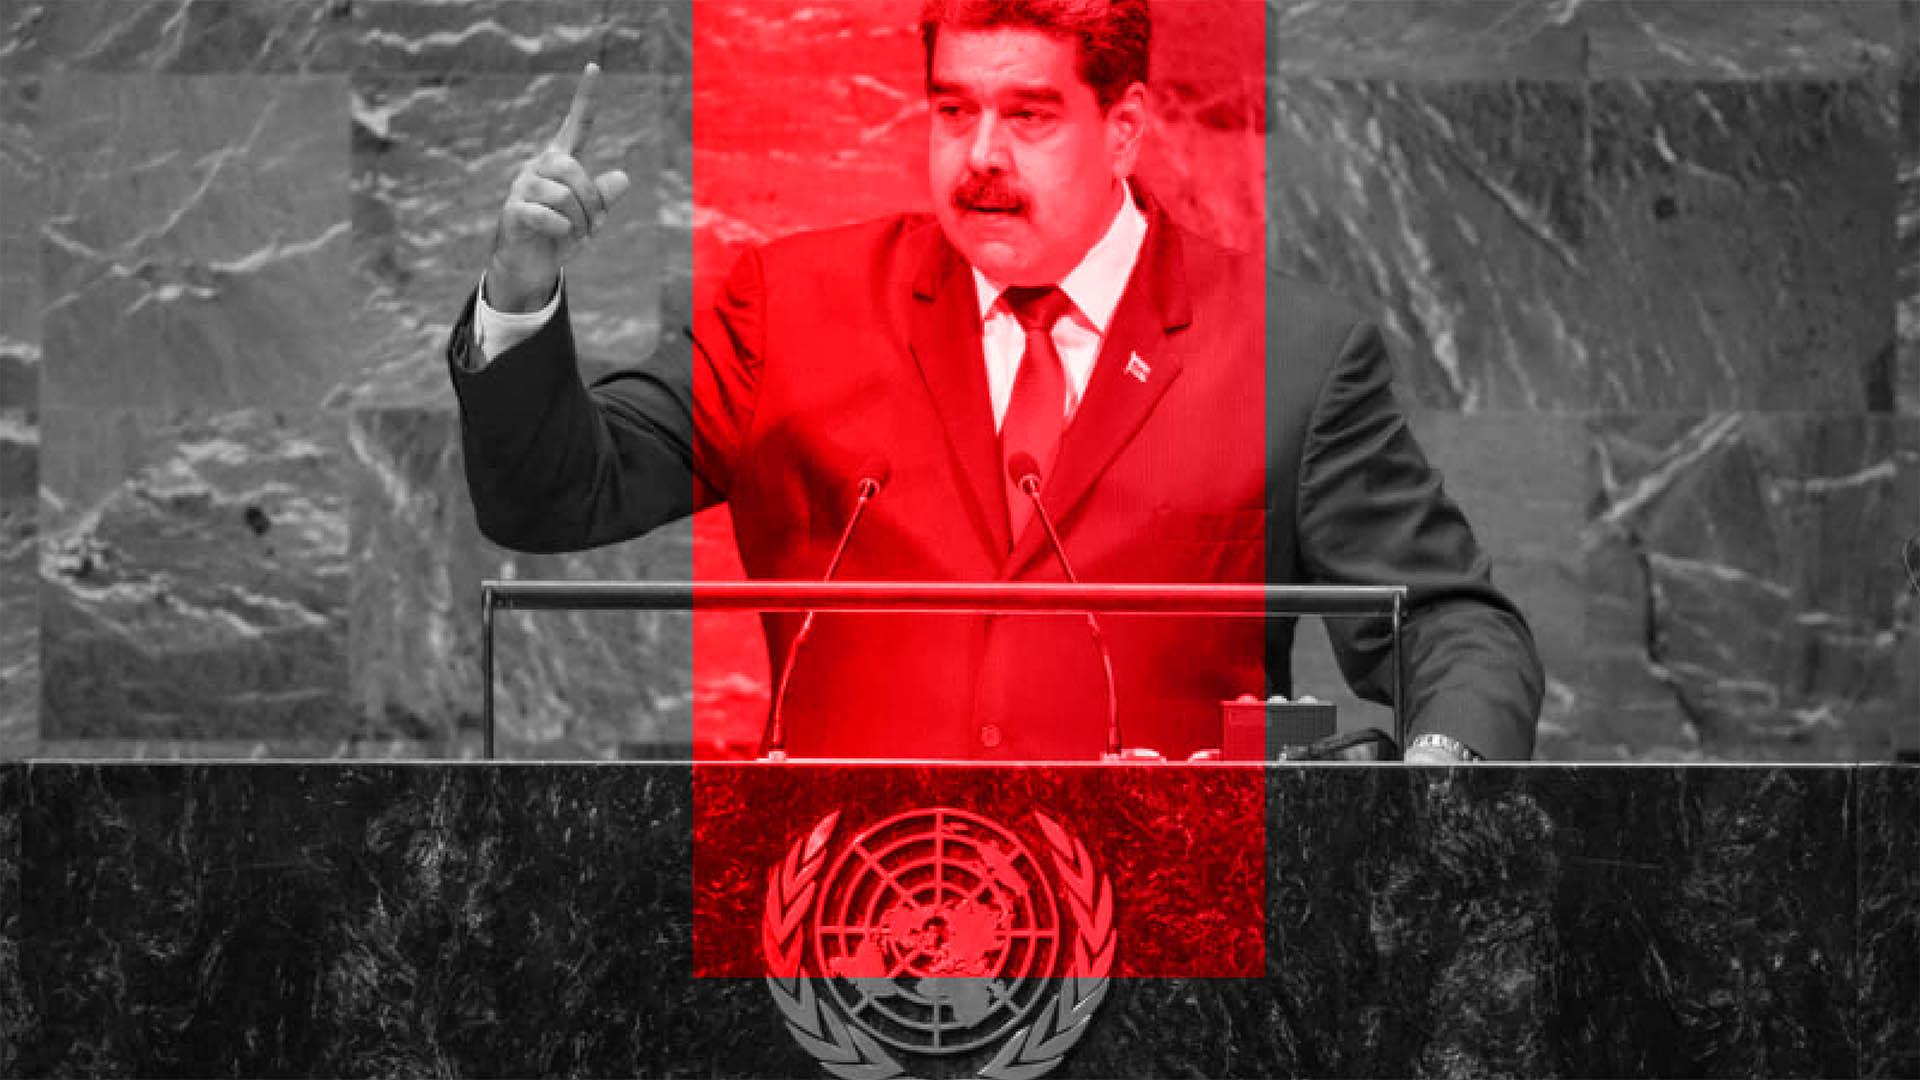 Runrunes de Bocaranda: Gobierno venezolano acusa a Trump ante el Consejo de Seguridad de la ONU de preparar una guerra contra Maduro